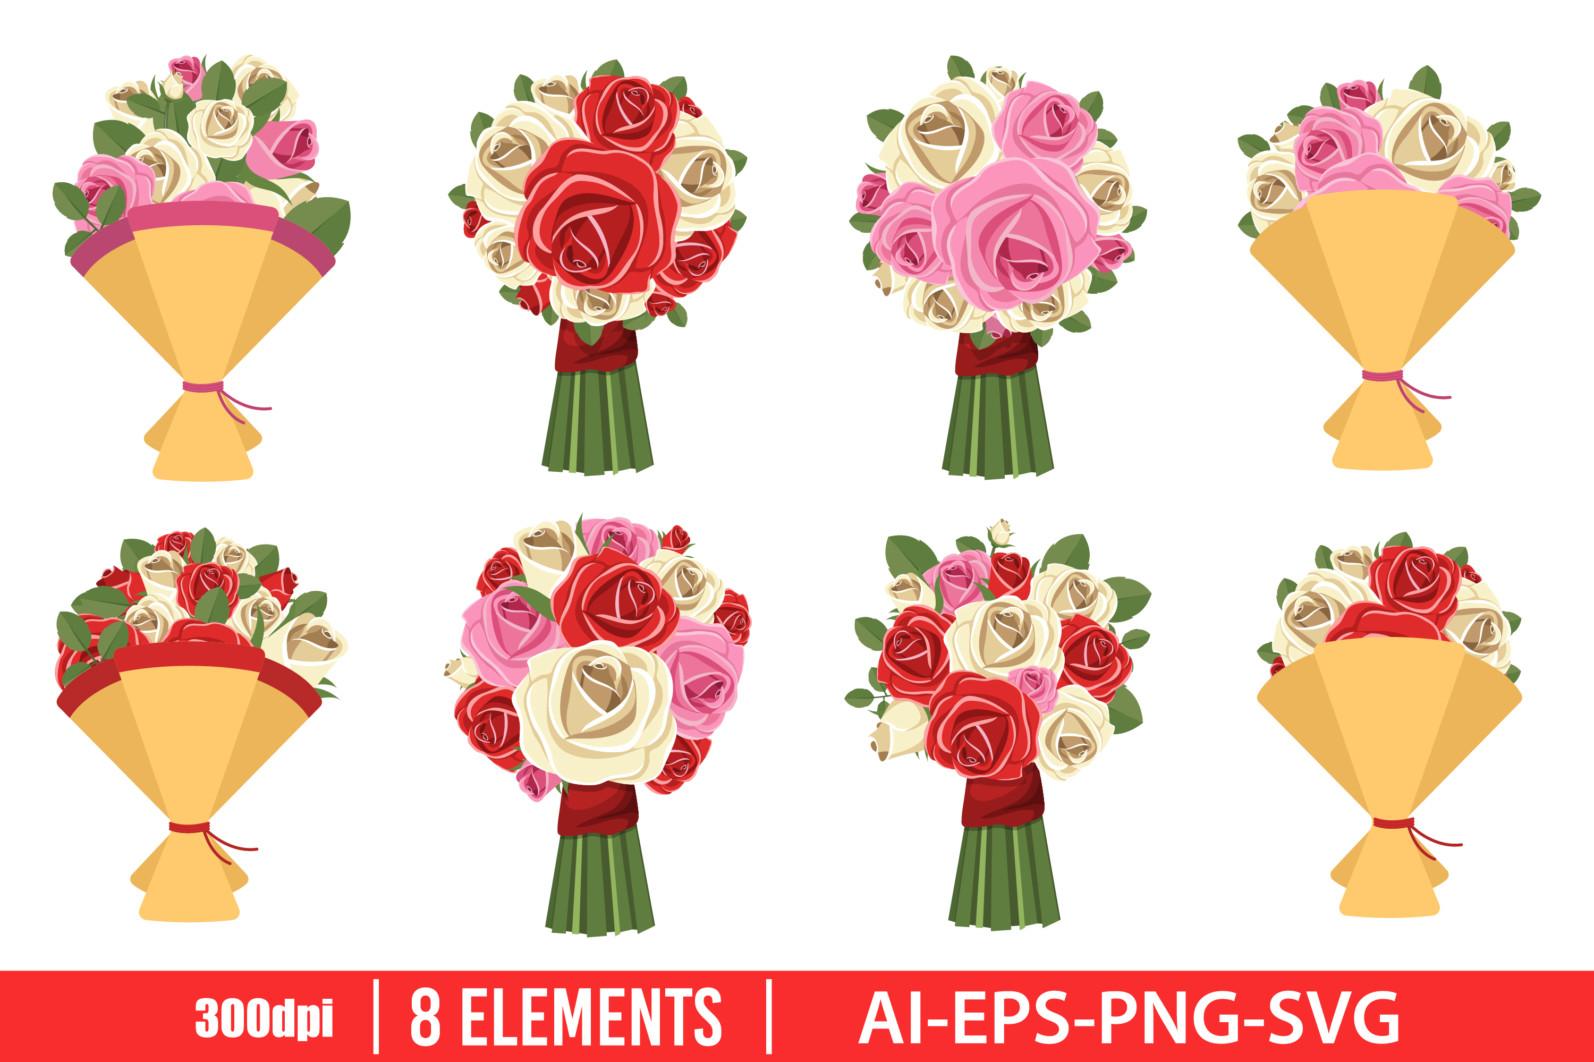 Flower bouquet clipart vector design illustration. Flower bouquet set. Vector Clipart Print - FLOWER BOUQUET scaled -